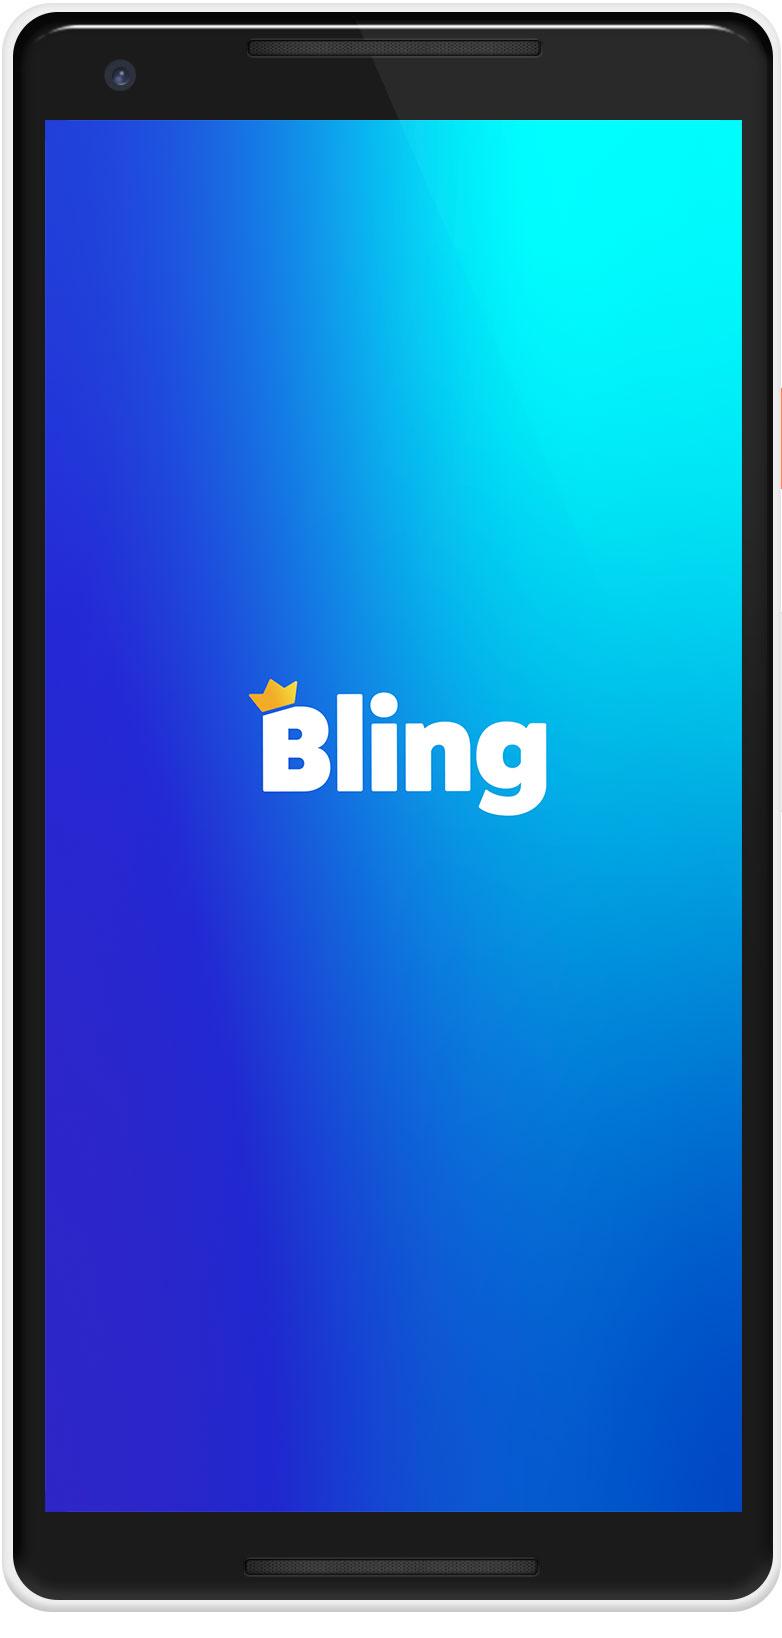 Bling App